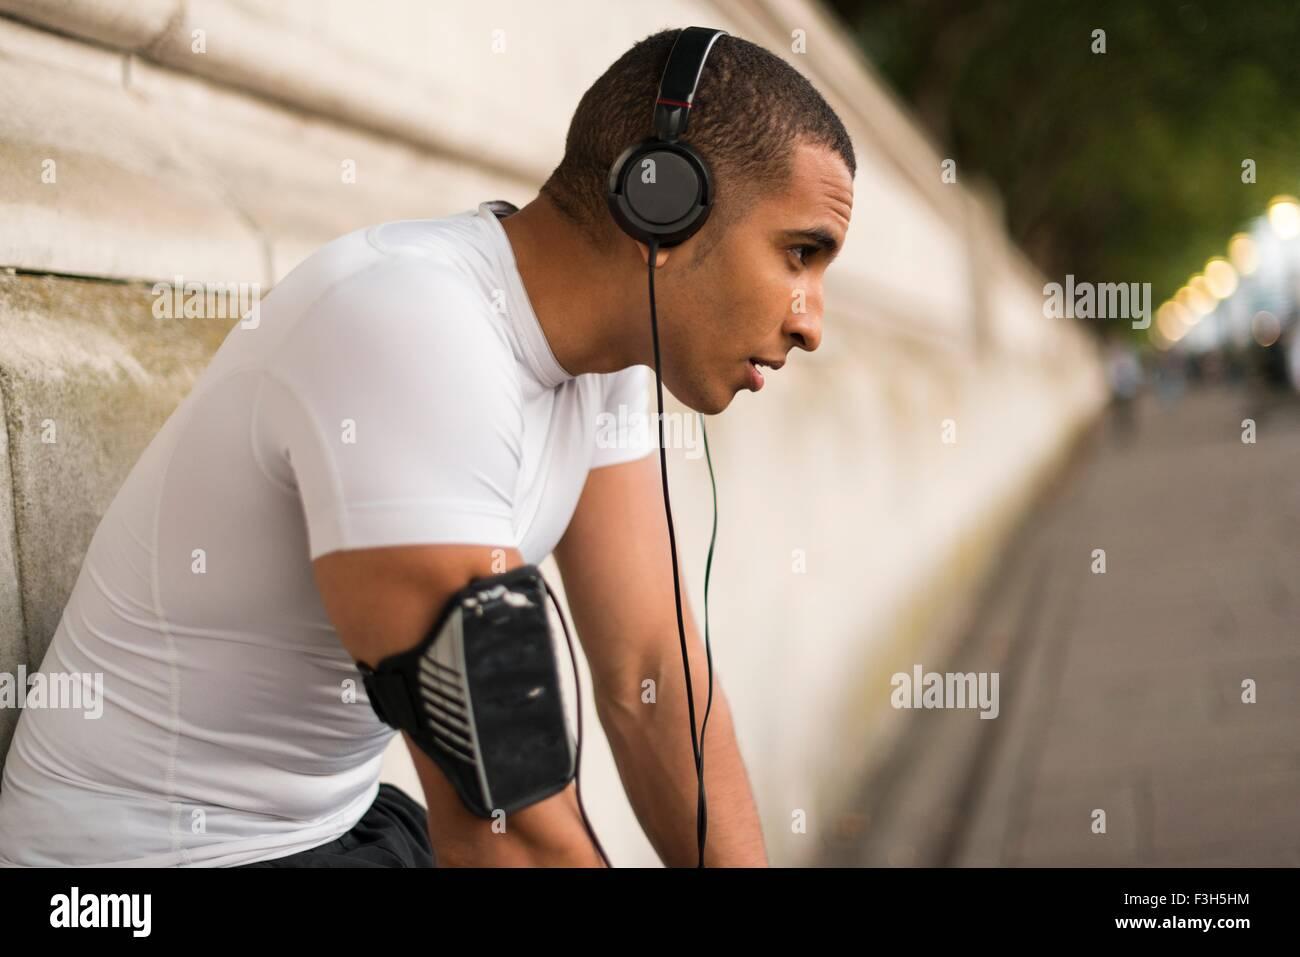 Agotado runner macho usando audífonos tomando un descanso en el Riverside Imagen De Stock